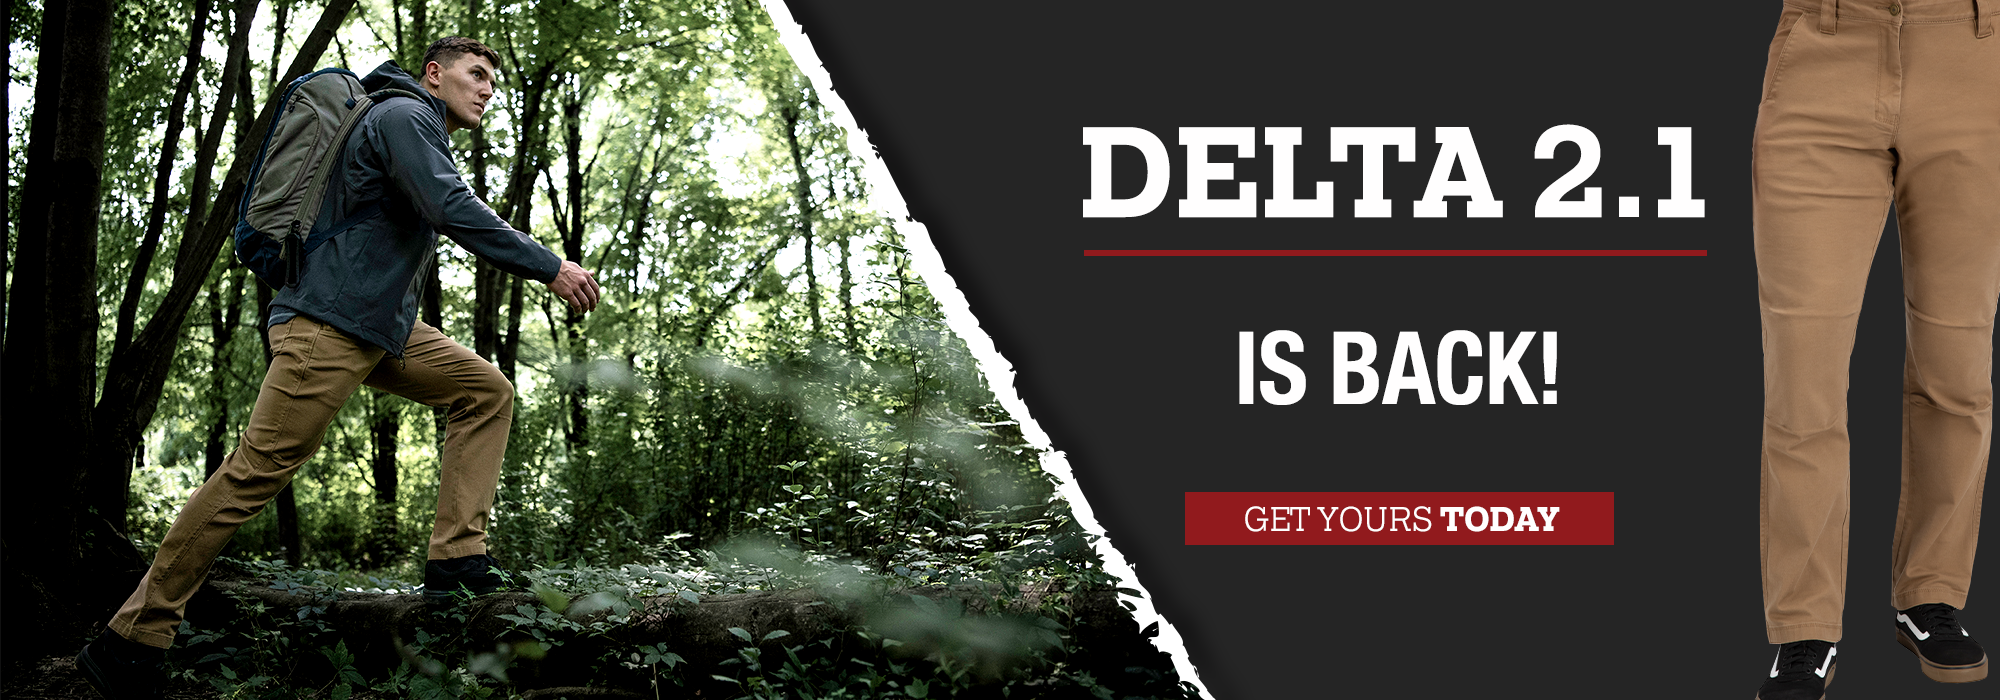 Delta 2.1